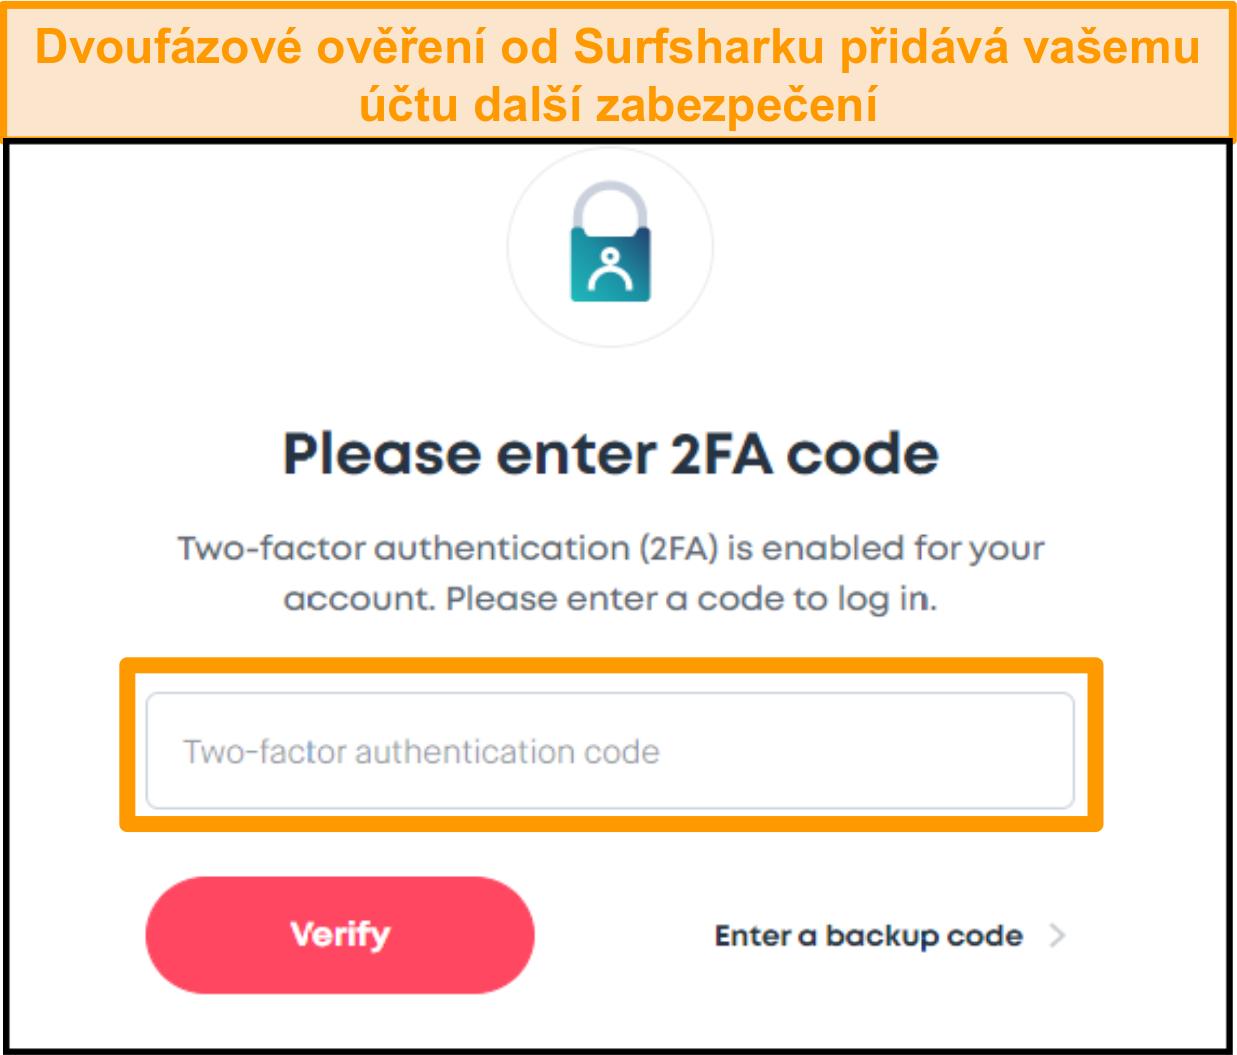 Screenshot obrazovky pro zadání kódu 2FA Surfshark